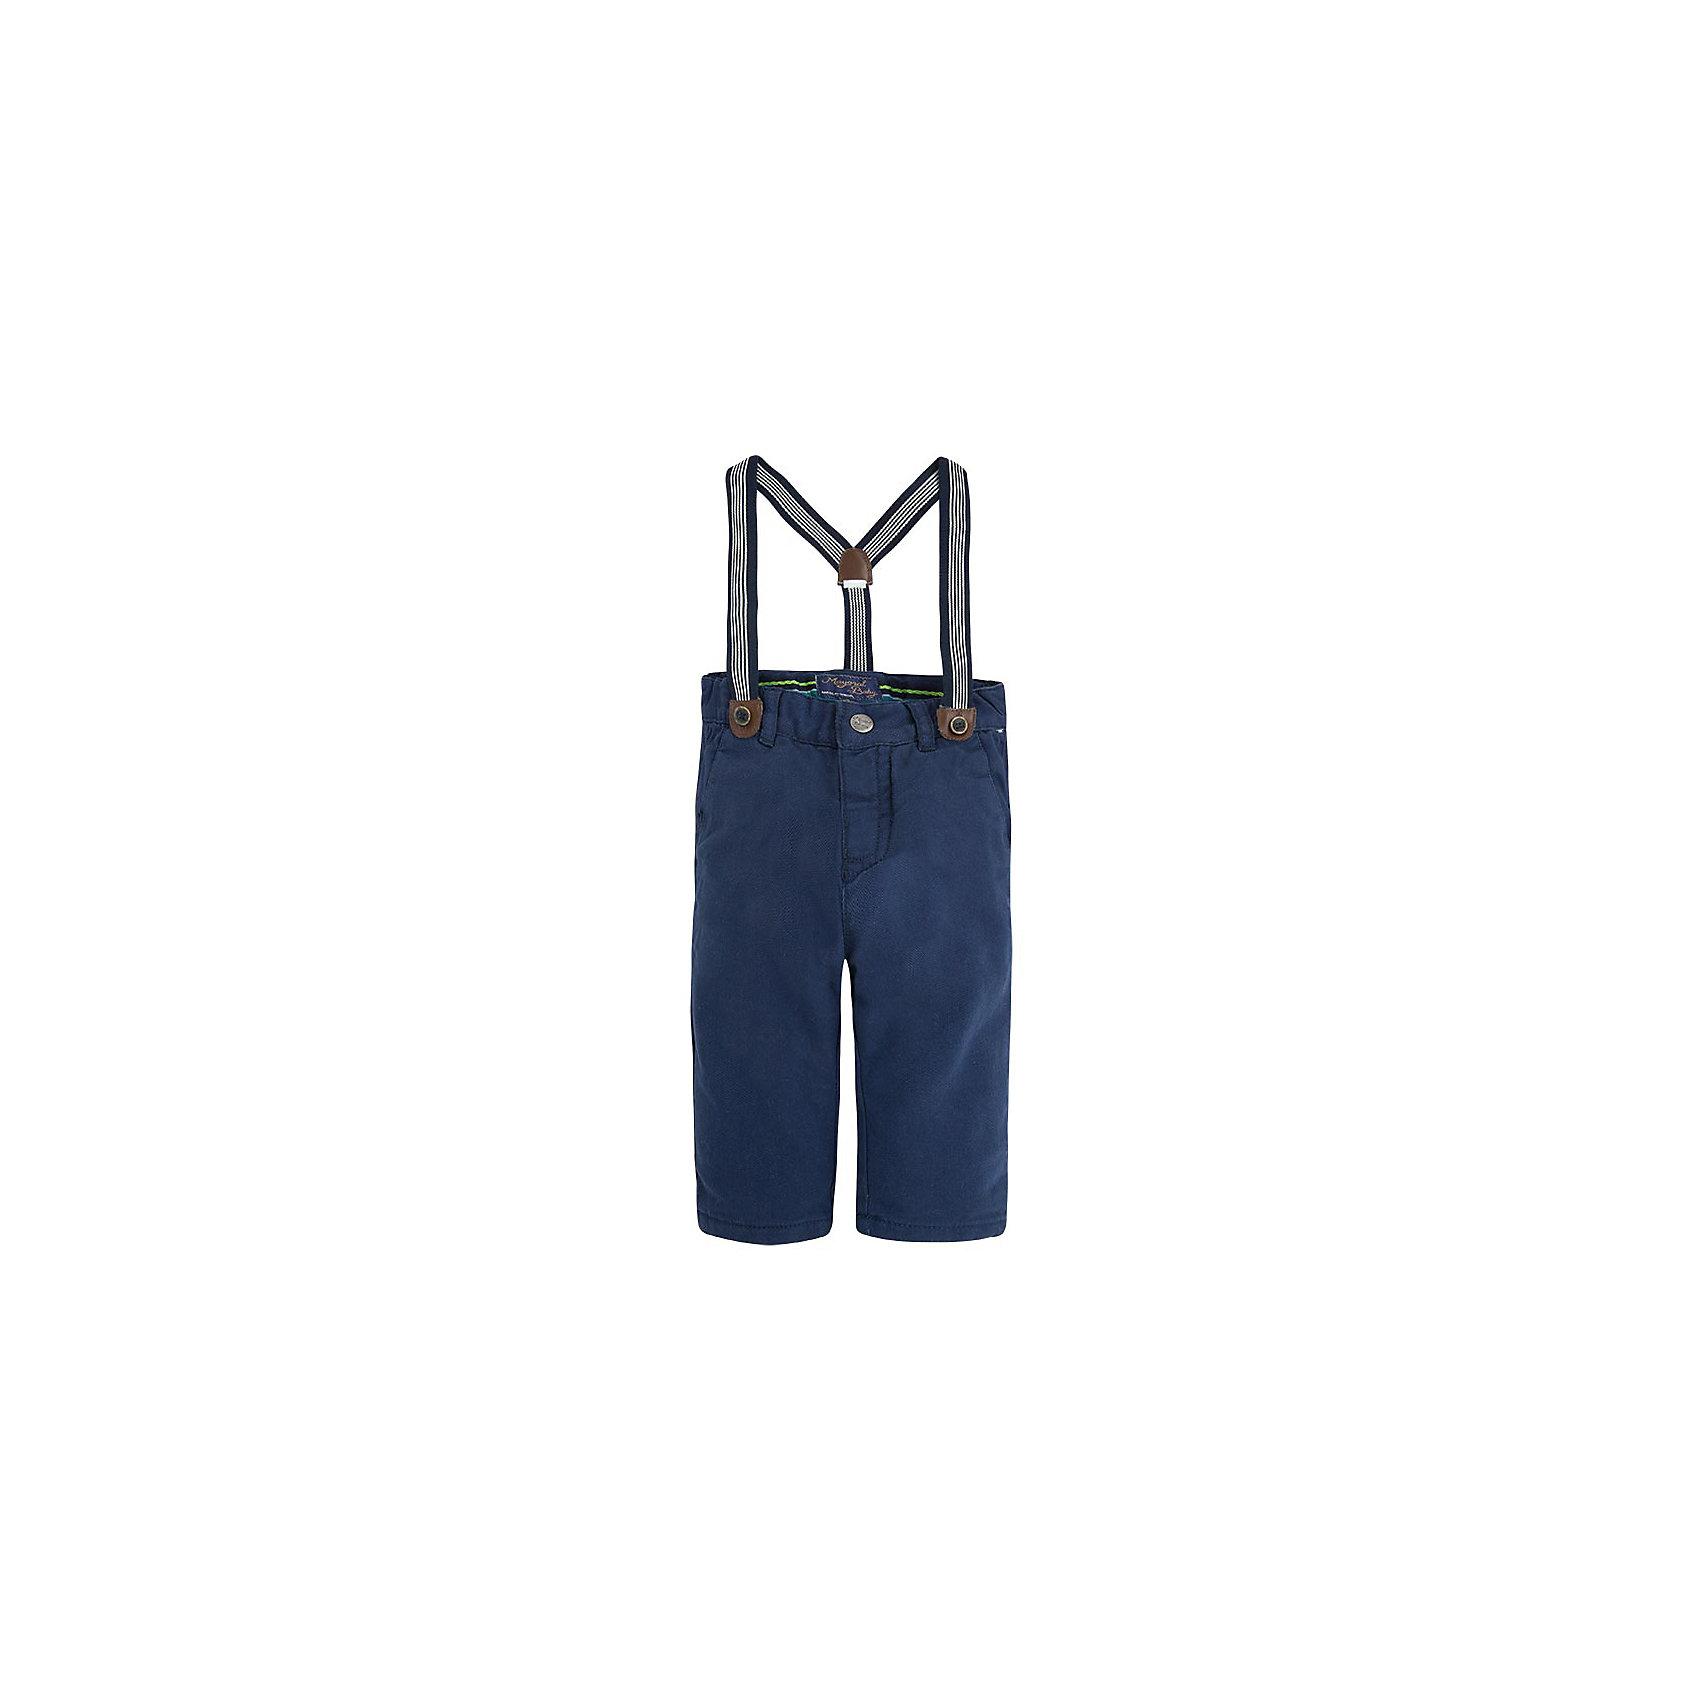 Брюки для мальчика MayoralБрюки для мальчика от популярной испанской марки Mayoral.<br><br>Стильные брюки от бренда Mayoral (Майорал) станут ярким акцентом в гардеробе ребенка. Они отлично садятся по фигуре, смотрятся очень модно и эффектно. <br>Продуманный крой и качественный материал обеспечивают комфорт для детей при ношении этой вещи. Натуральный хлопок в составе ткани делает ее дышащей и приятной на ощупь.<br><br>Модель имеет следующие особенности:<br><br>- хлопковая ткань синего цвета;<br>- карманы;<br>- шлевки для ремня;<br>- объем талии регулируется внутренней резинкой;<br>- в комплекте идут модные подтяжки.<br><br>Дополнительная информация:<br><br>Состав: 100% хлопок<br><br>Уход за изделием:<br><br>стирка в машине при температуре до 30°С,<br>не отбеливать,<br>гладить на низкой температуре.<br> <br>Габариты:<br><br>длина штанин по внутреннему шву – 22 см.<br><br>*Числовые параметры соответствуют росту 74<br><br>Брюки для мальчика Mayoral (Майорал) можно купить в нашем магазине.<br><br>Ширина мм: 215<br>Глубина мм: 88<br>Высота мм: 191<br>Вес г: 336<br>Цвет: синий<br>Возраст от месяцев: 9<br>Возраст до месяцев: 12<br>Пол: Мужской<br>Возраст: Детский<br>Размер: 80,86,92<br>SKU: 4191124